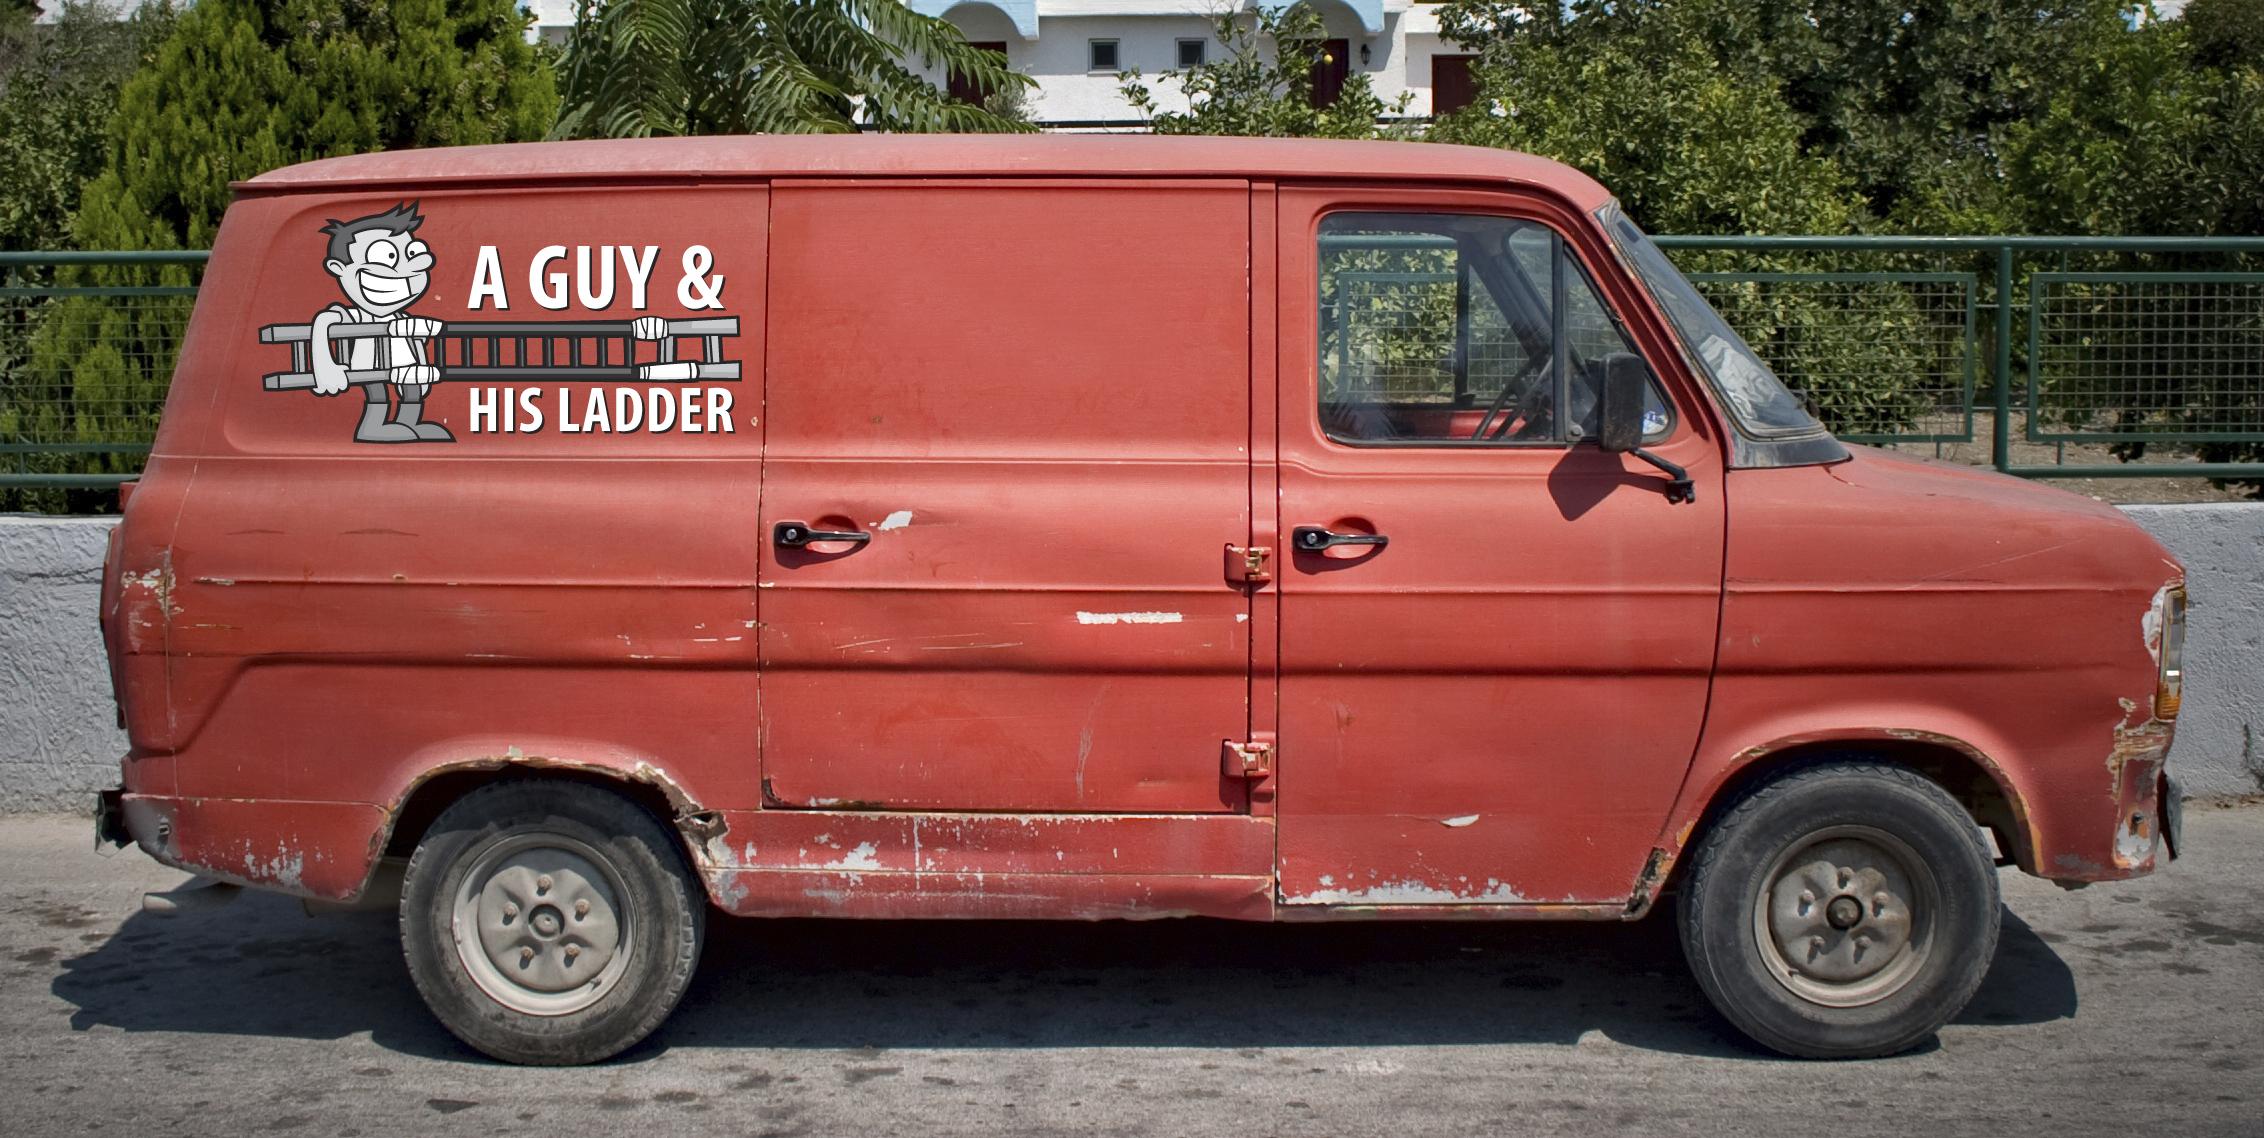 Old, red van in summertime